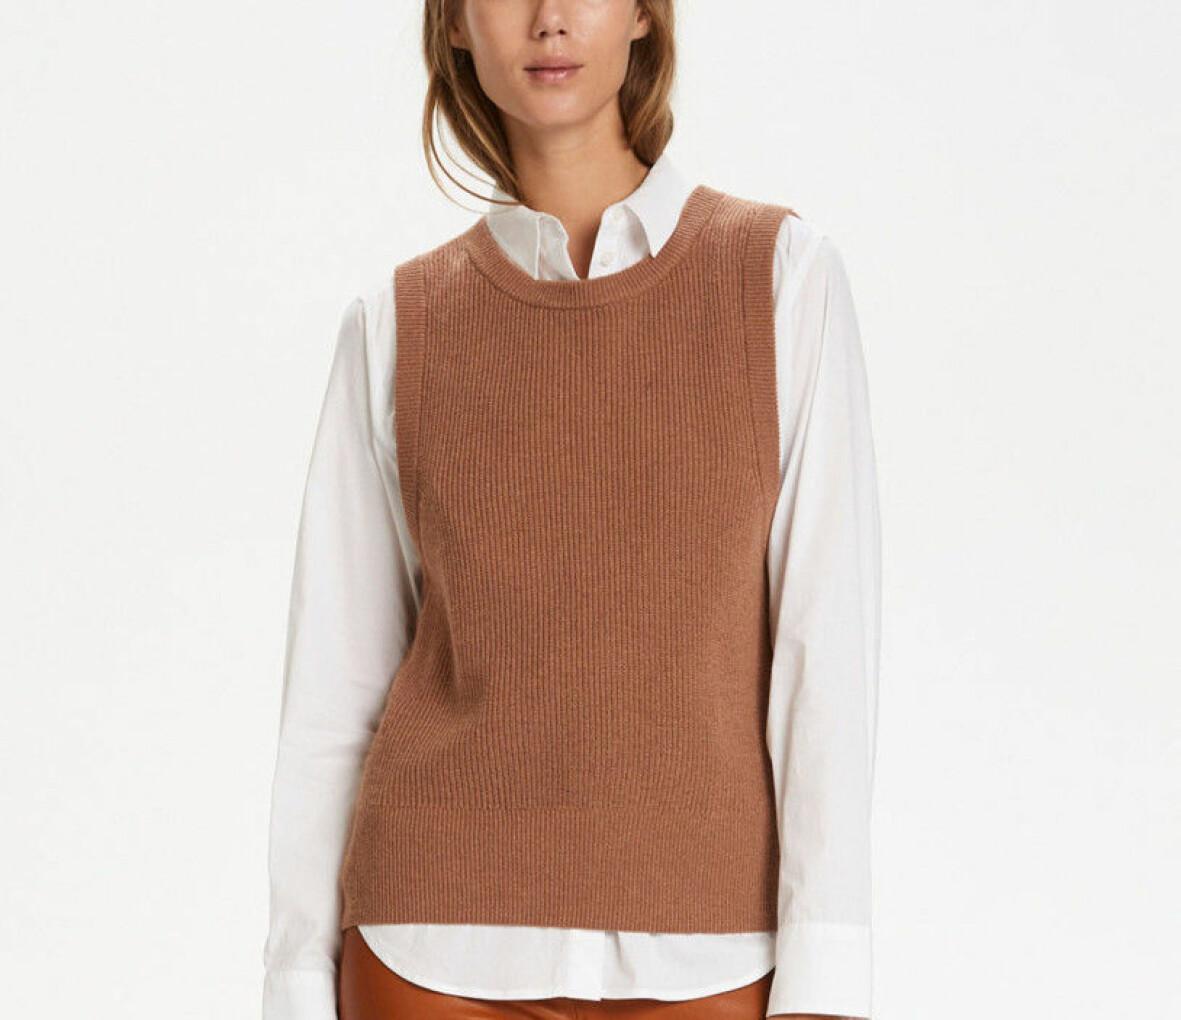 Kvinna i vit skjorta och brun väst.